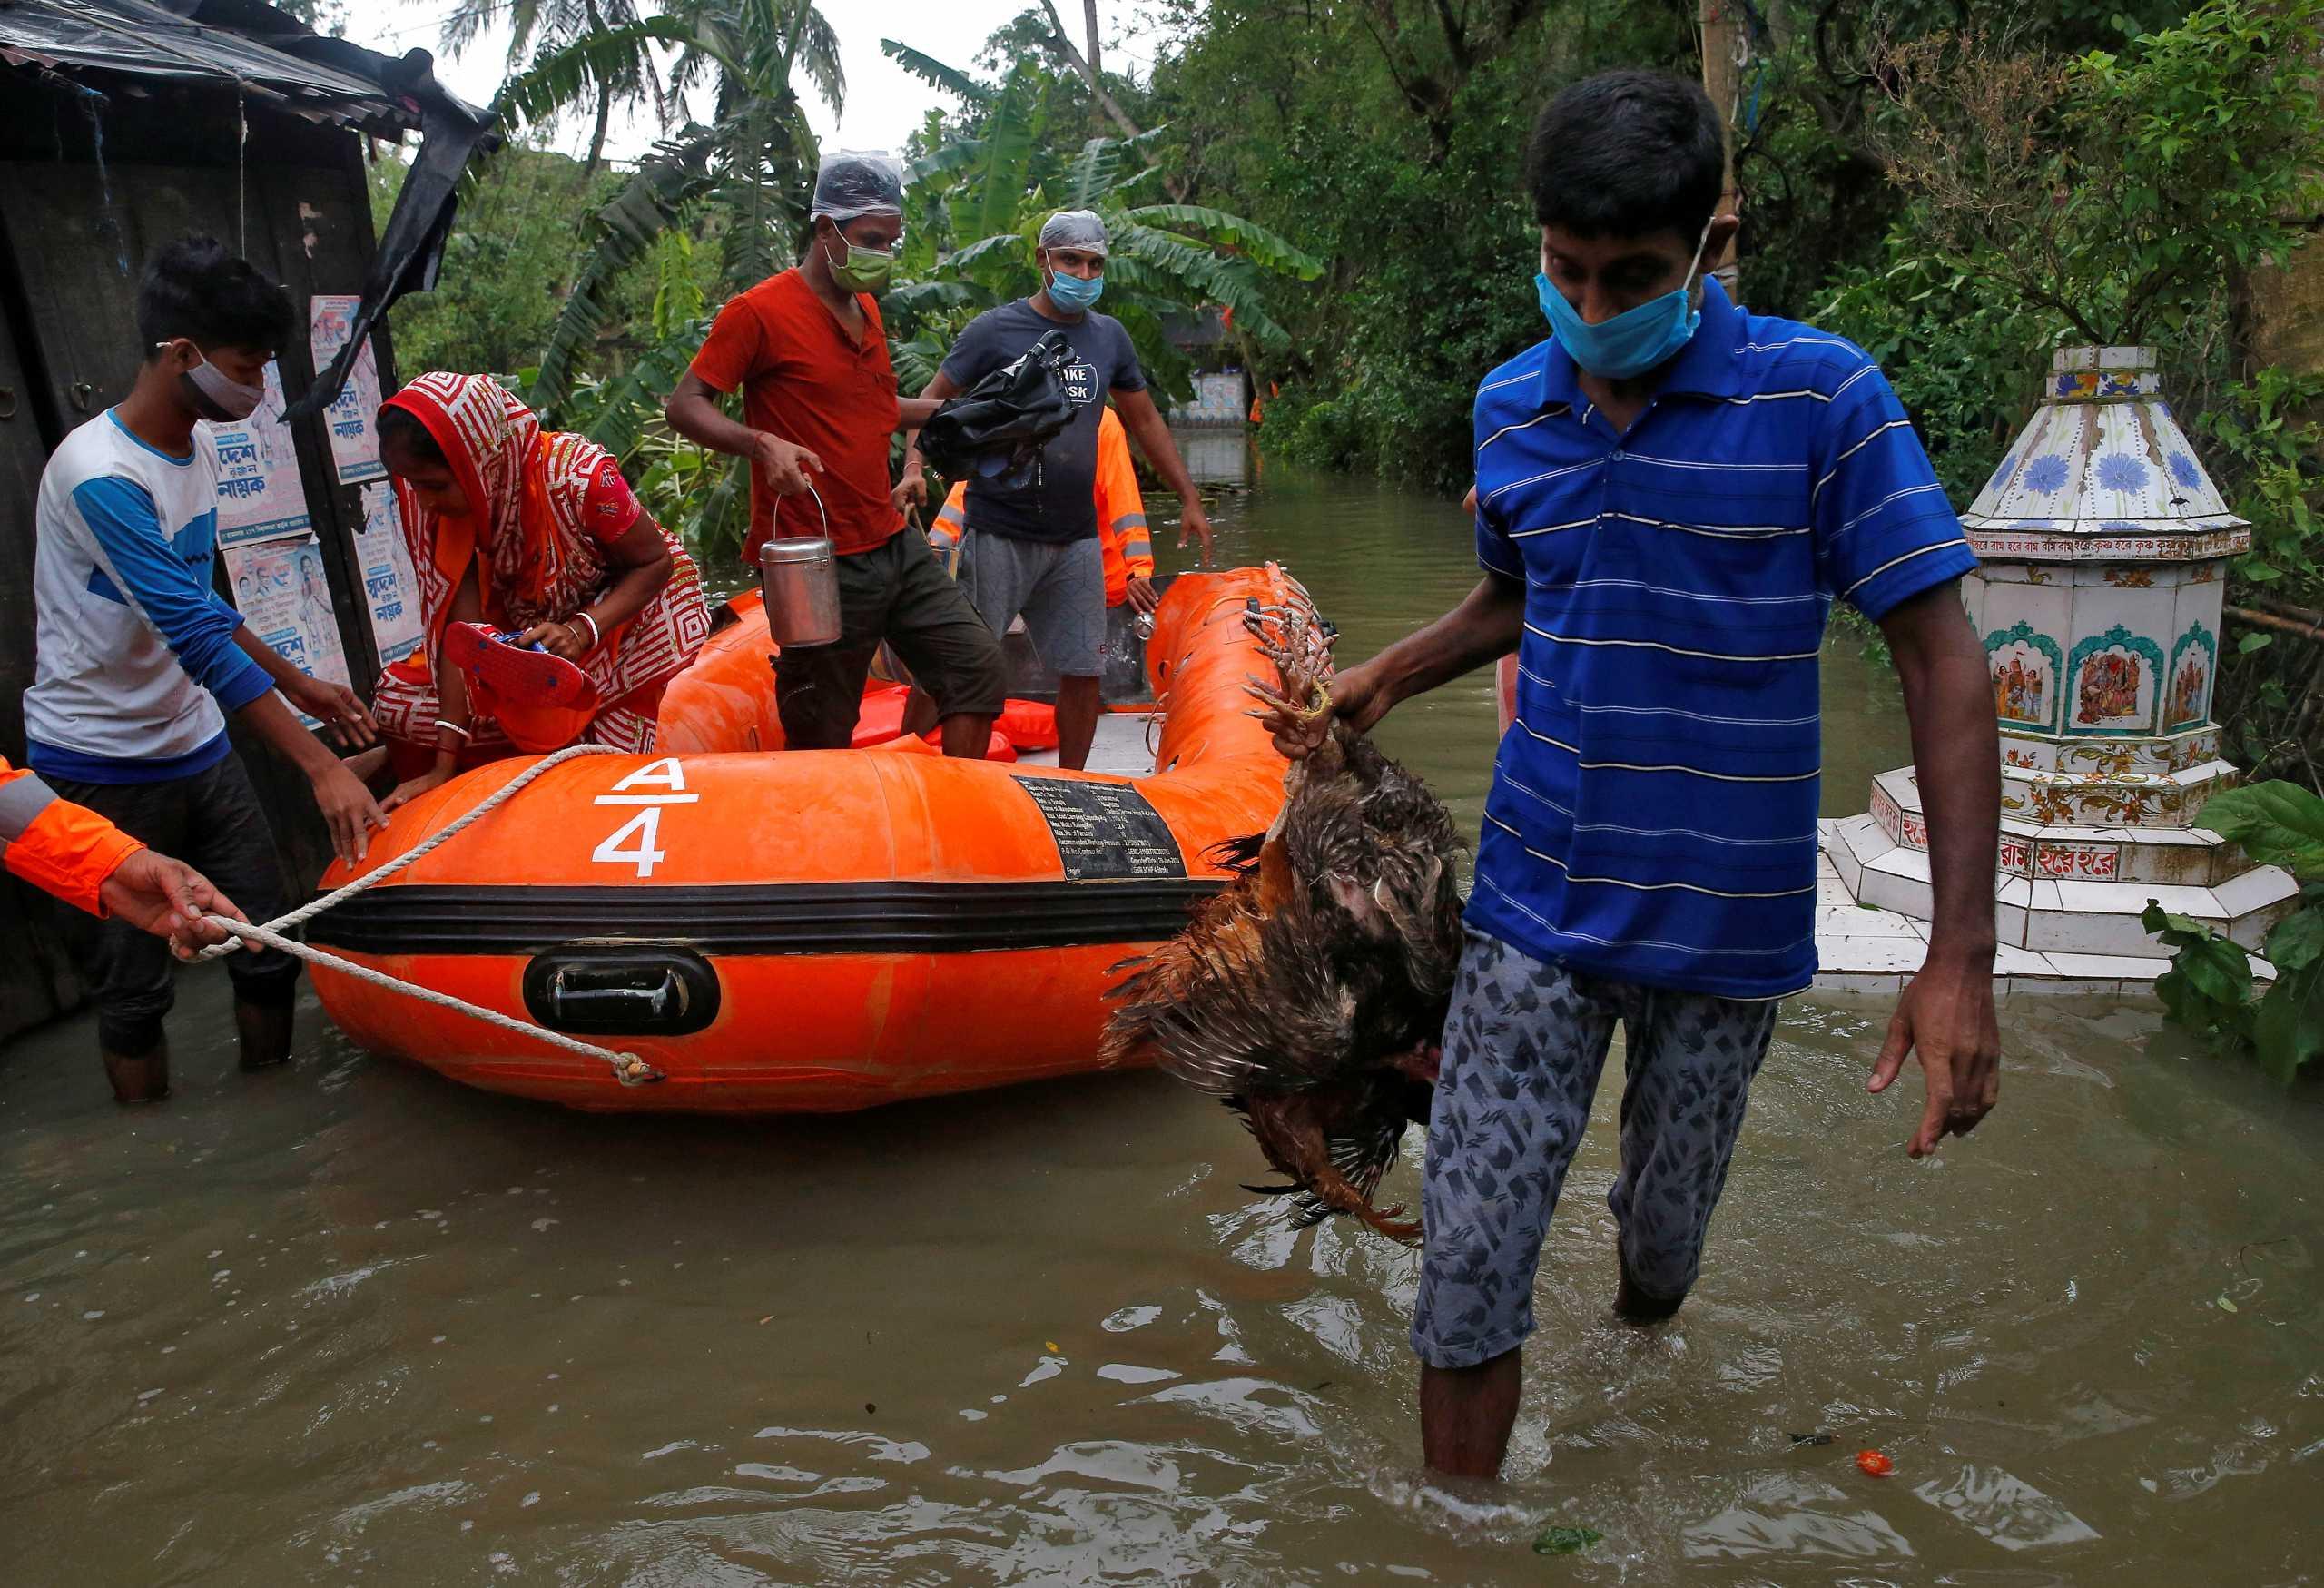 Ινδία: Χιλιάδες άνθρωποι απομακρύνθηκαν από τα σπίτια τους περιμένοντας τον κυκλώνα Γκούλαμπ